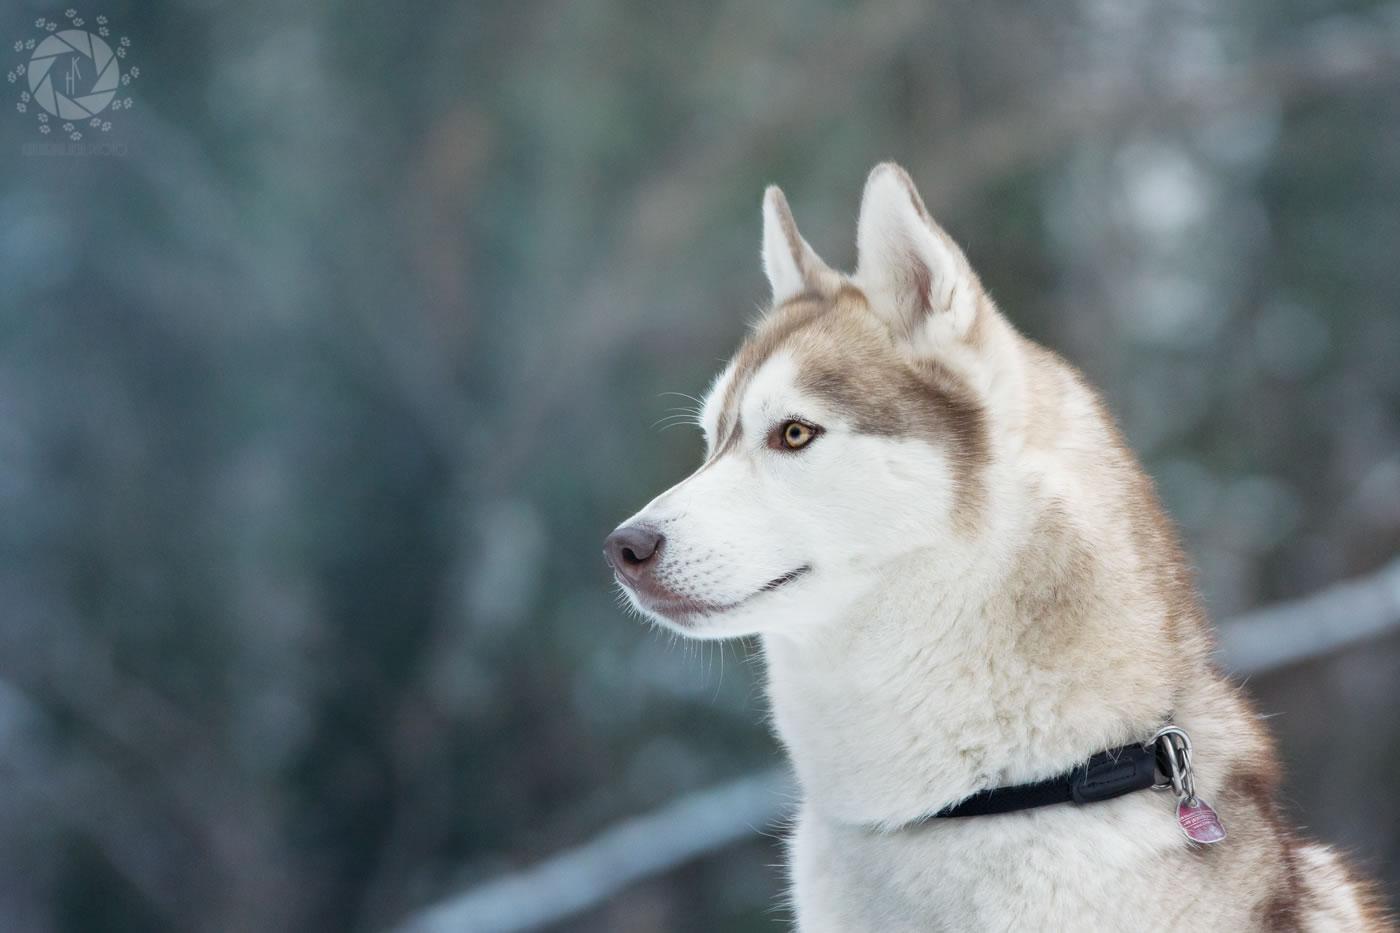 Tierfotografie_München_Hein_Hundefotografie_034_Yuki_Schnee